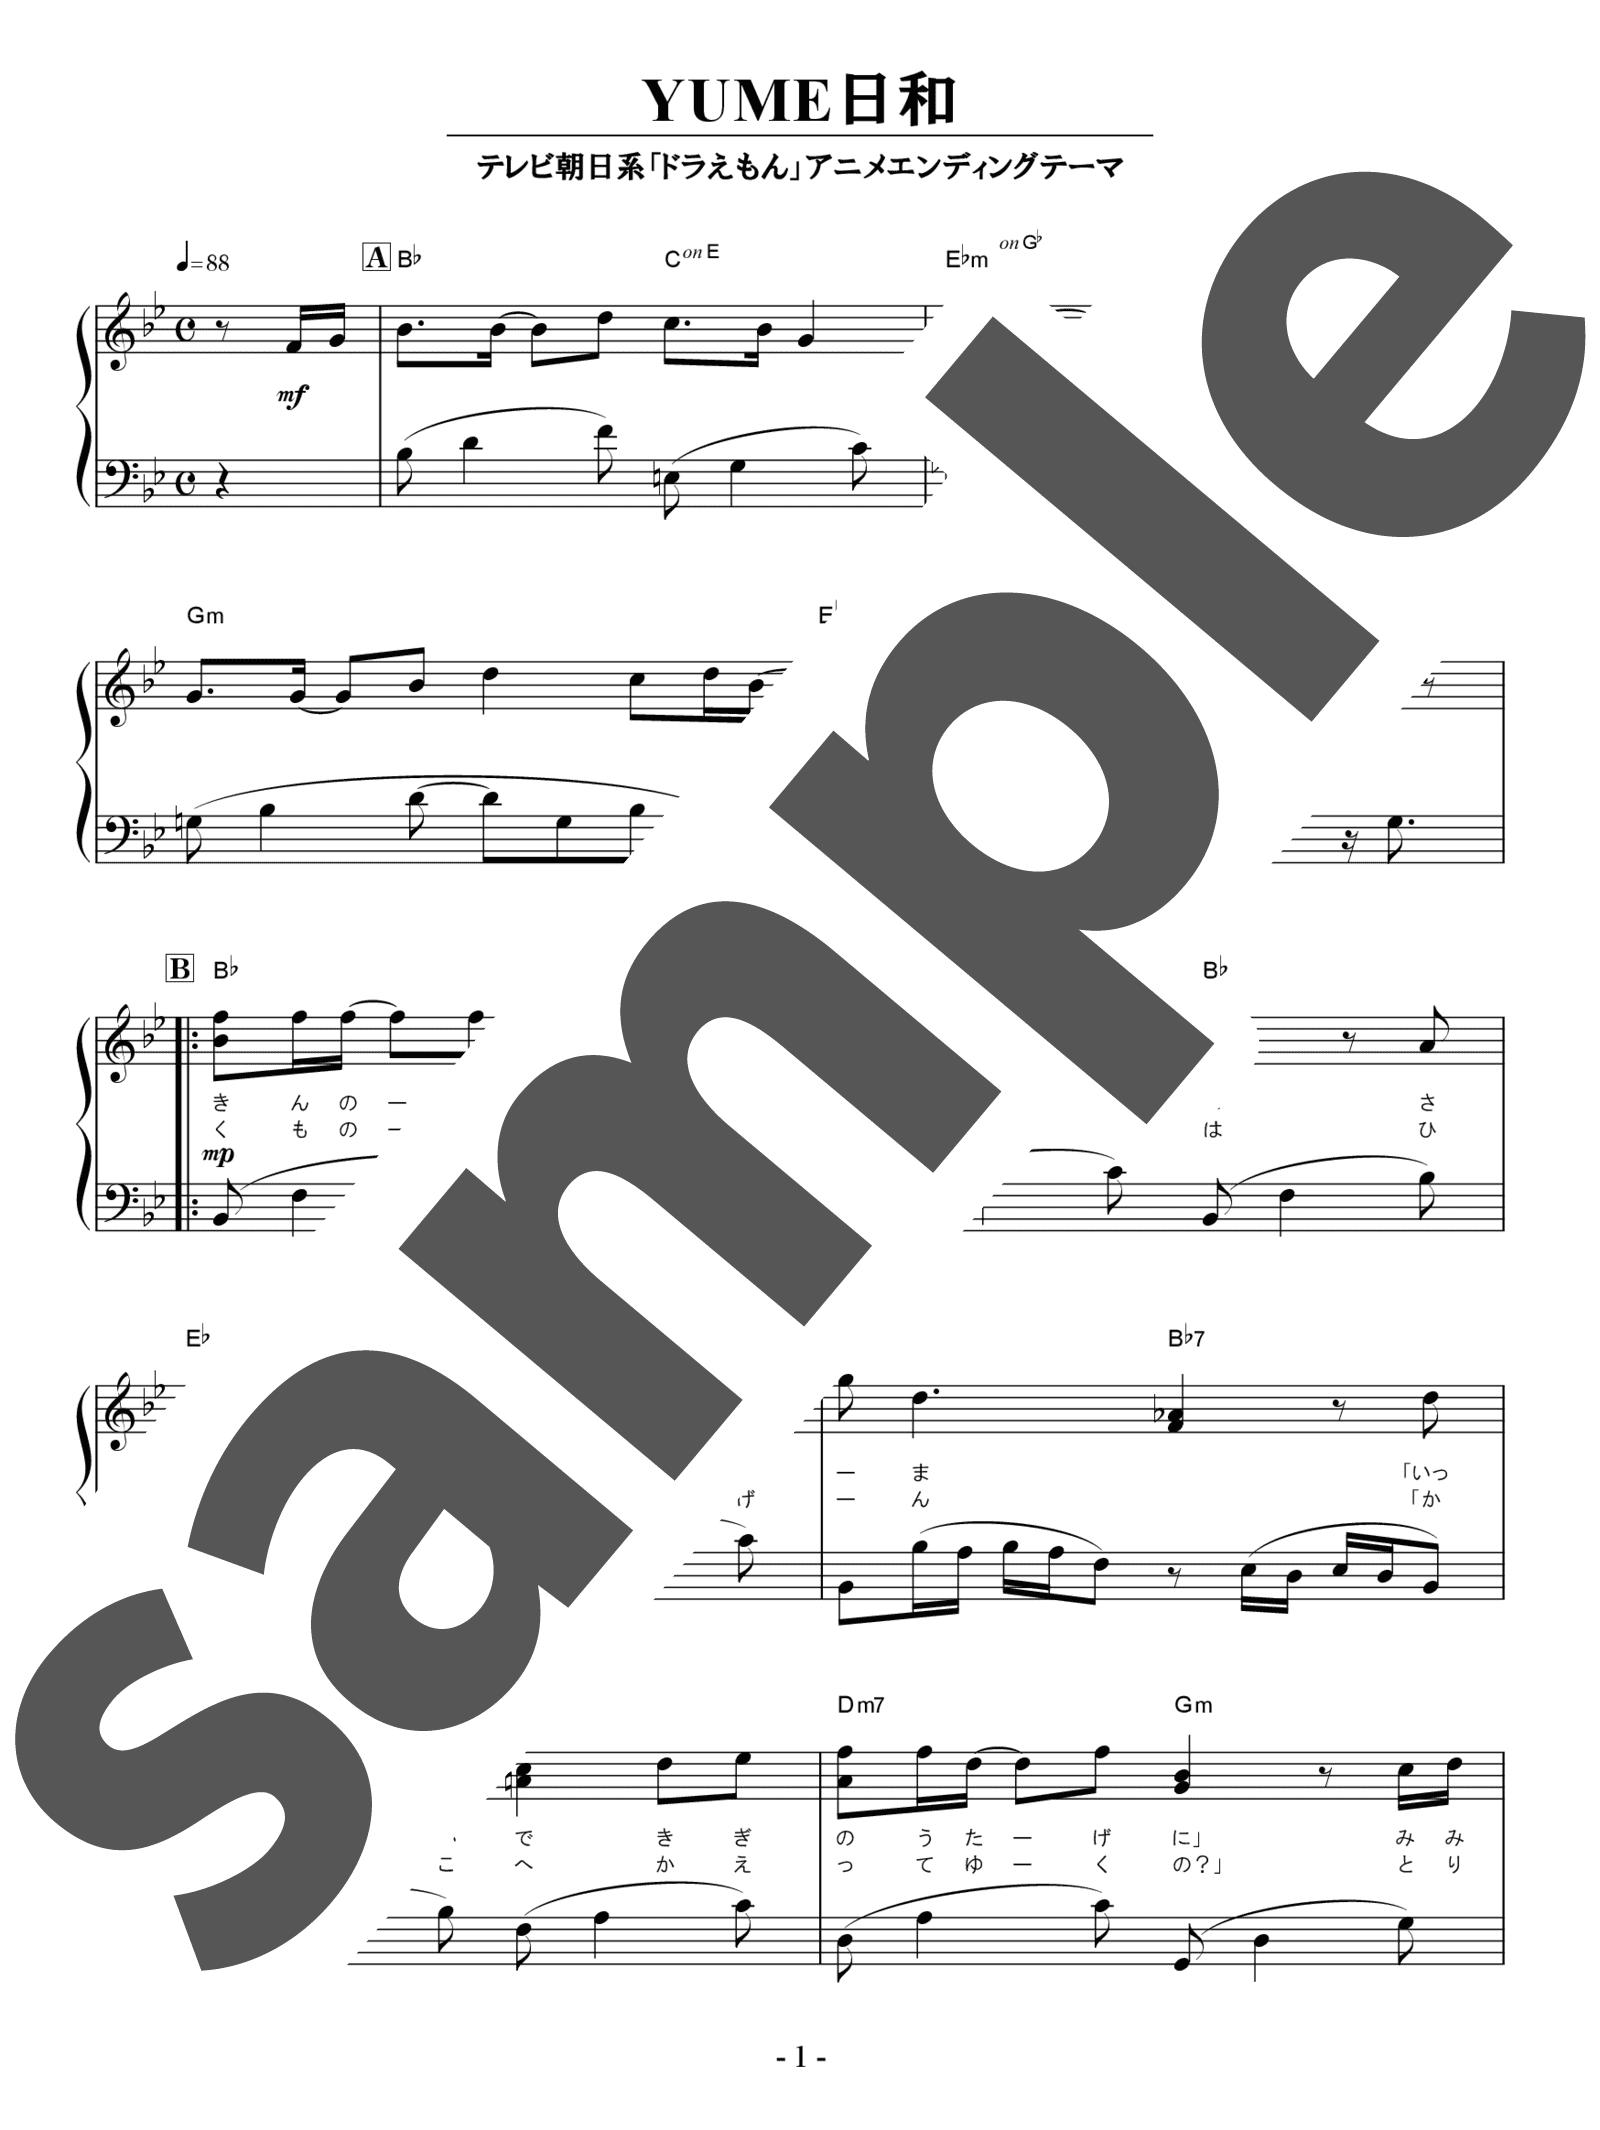 「YUME日和」のサンプル楽譜